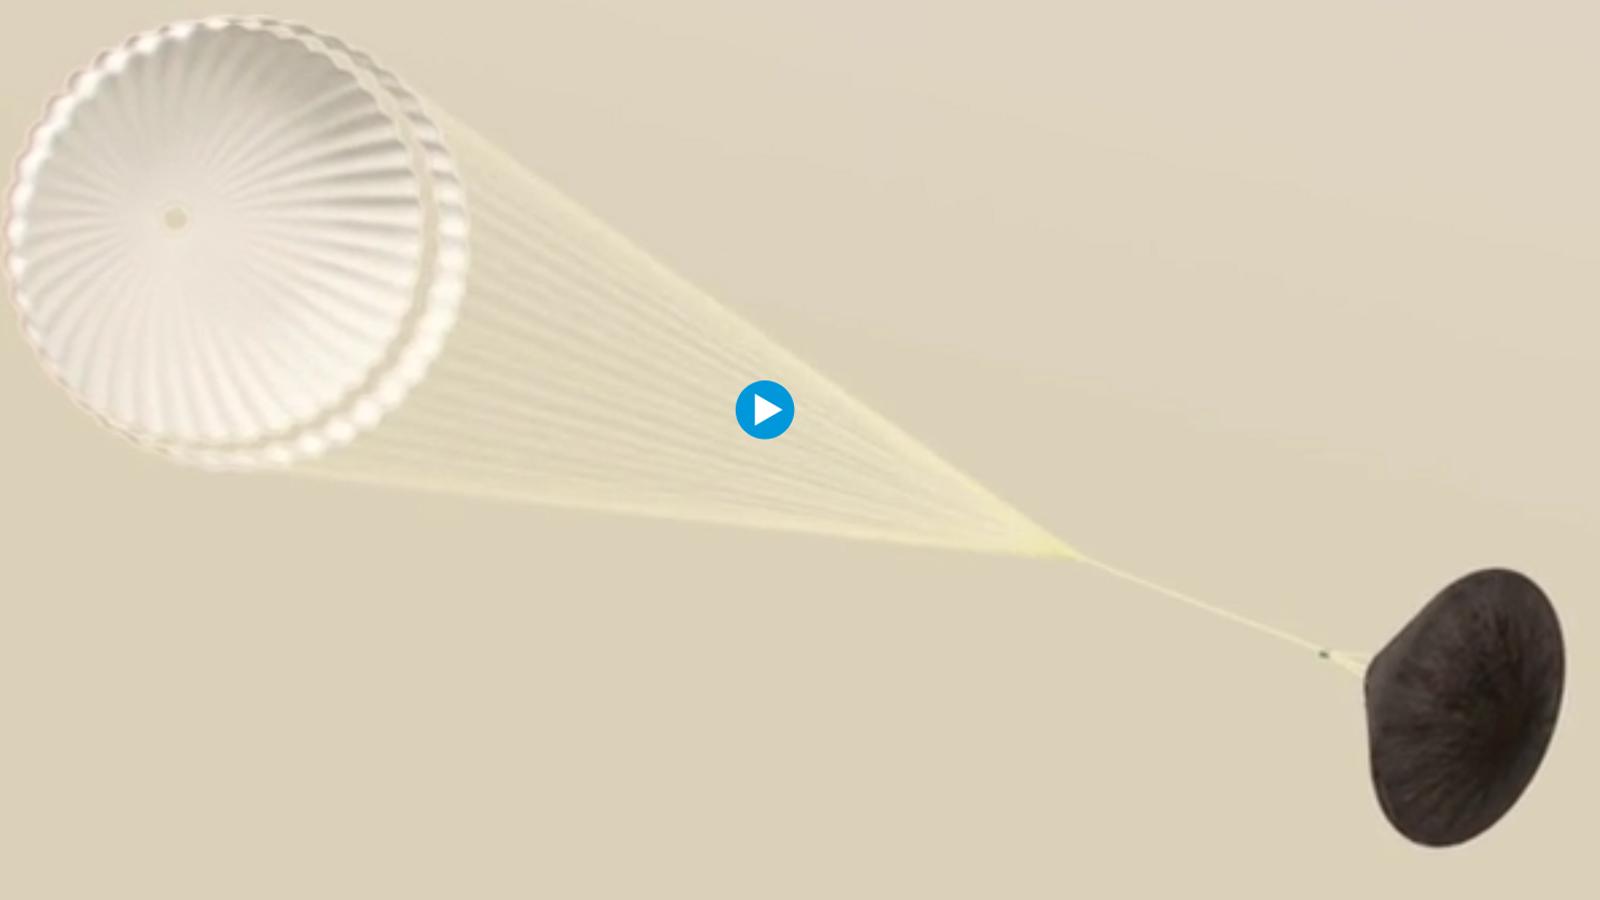 Recreació feta per l'ESA de l'aterratge del mòdul Schiaparelli sobre Mart